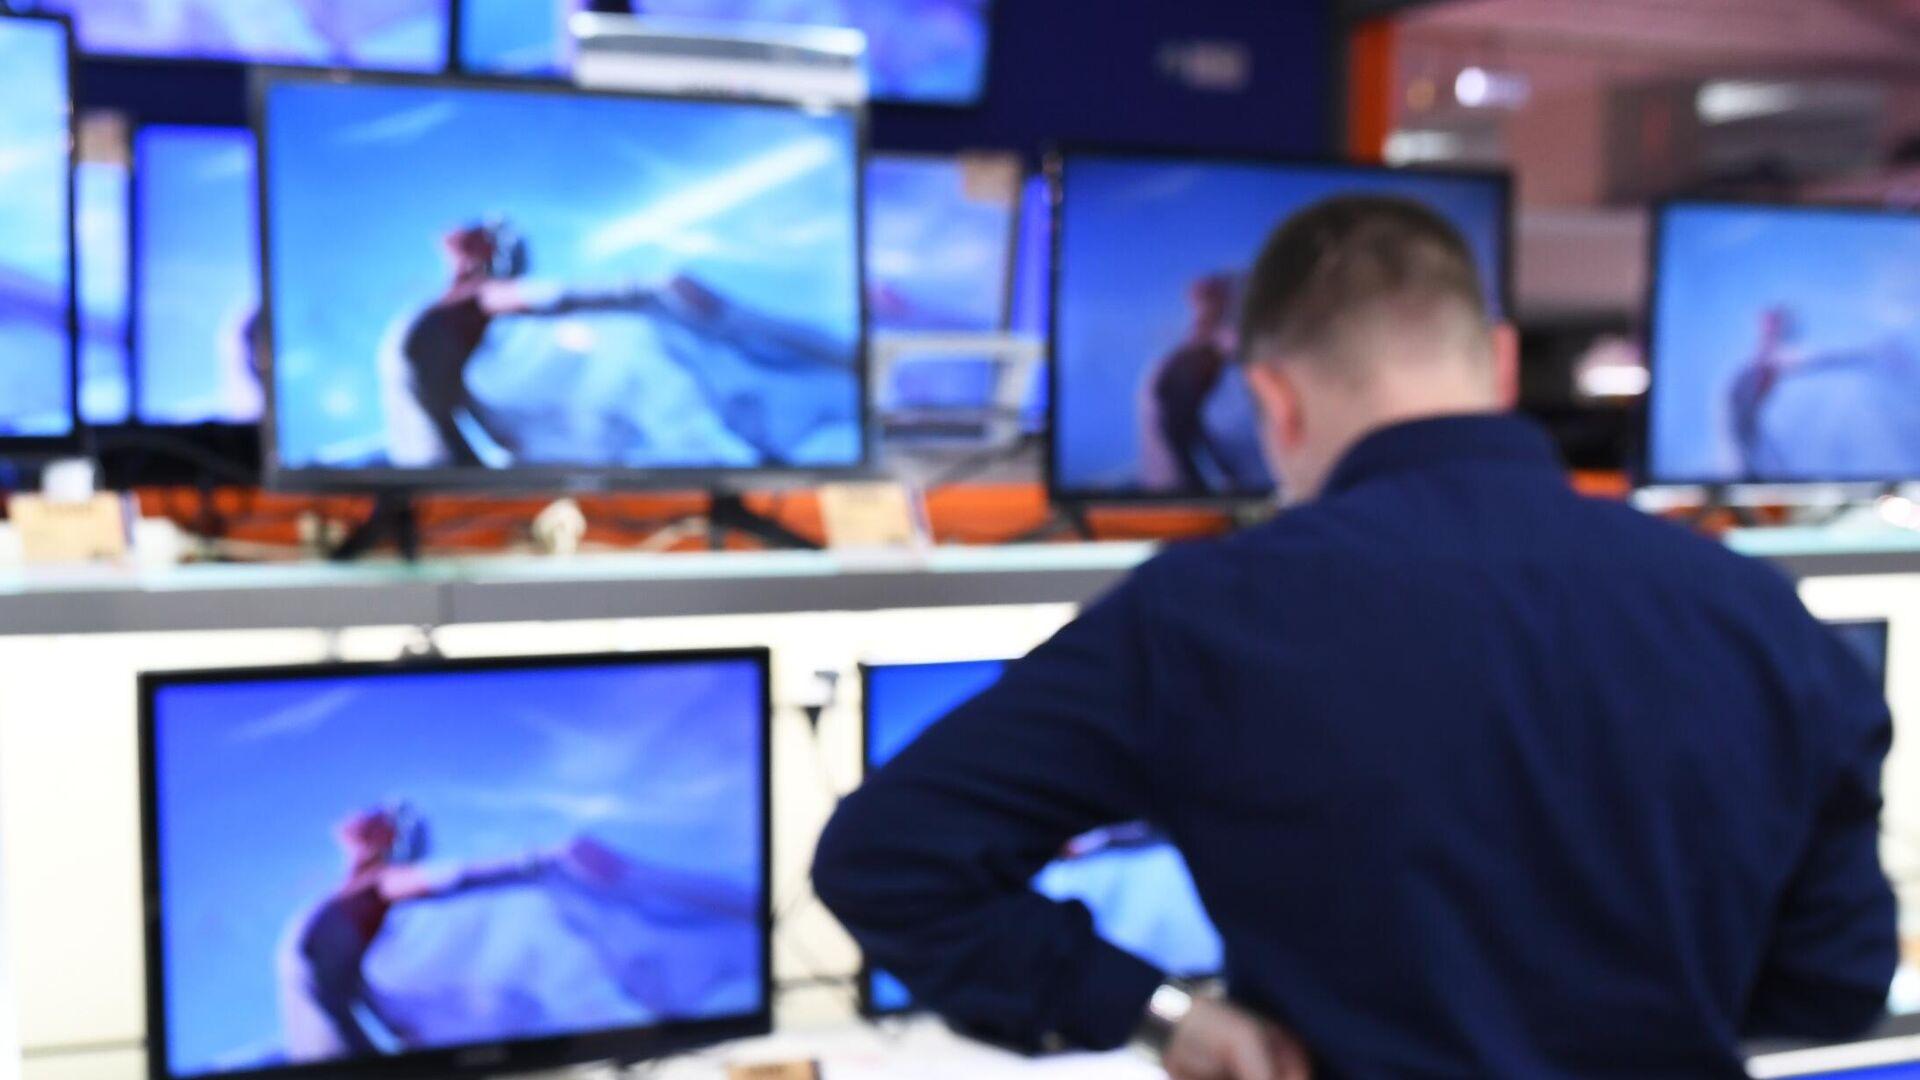 Un uomo sceglie il televisore da acquistare - Sputnik Italia, 1920, 30.08.2021